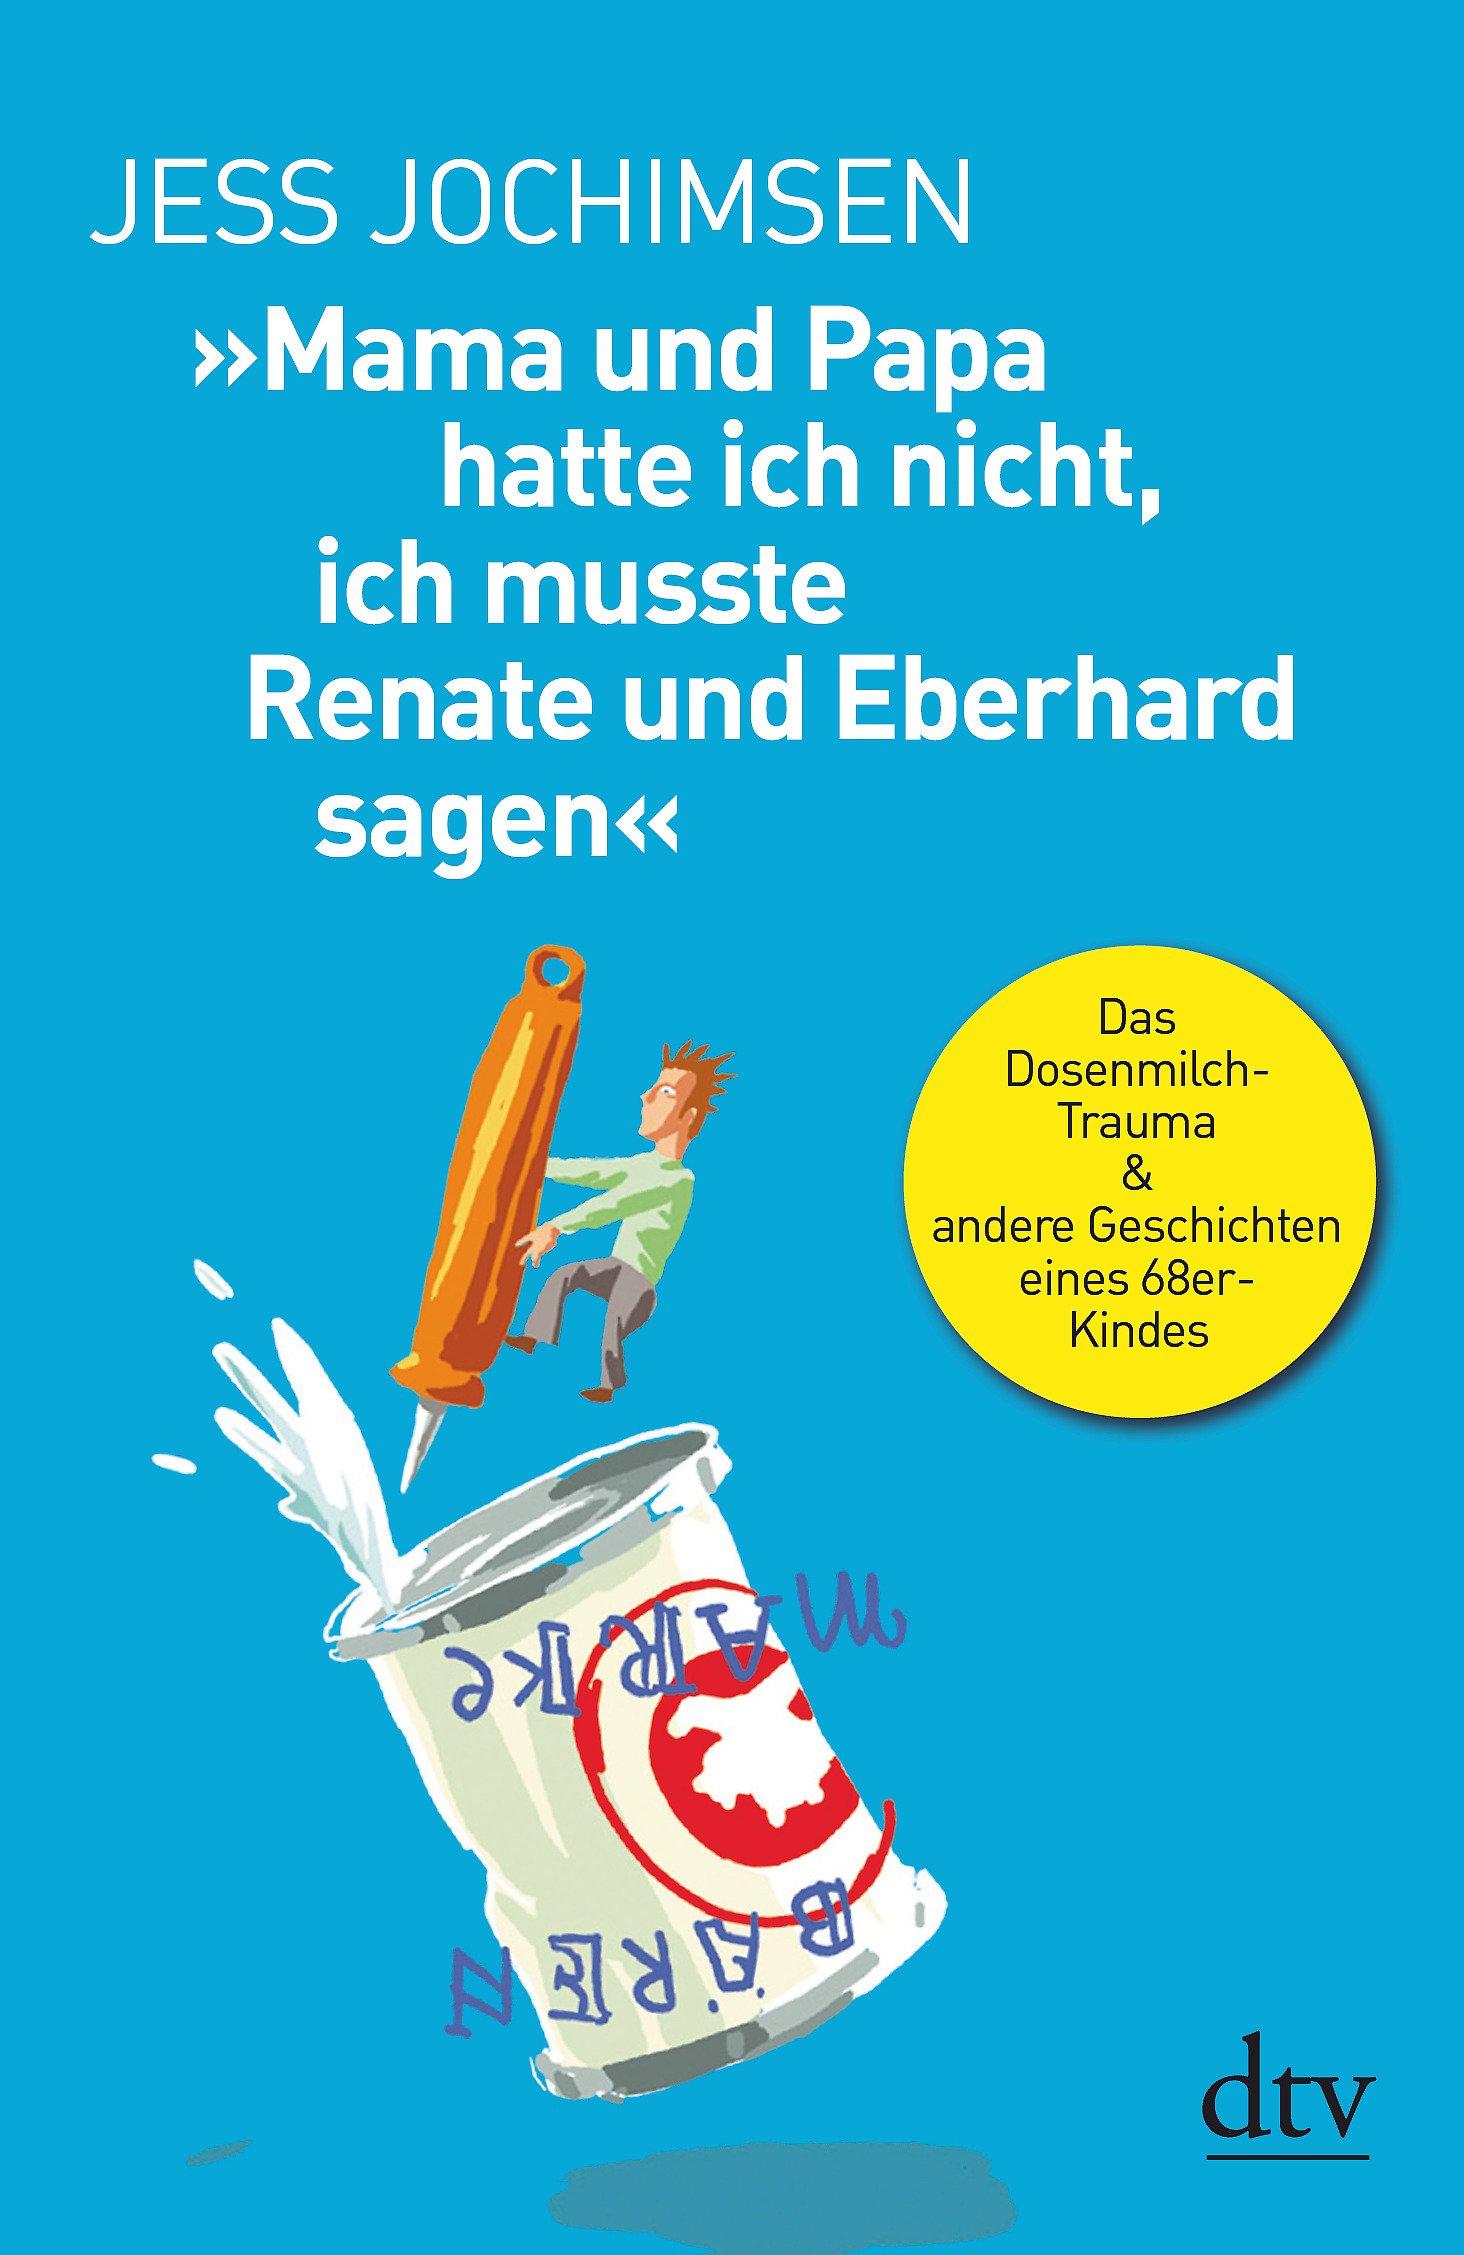 »Mama und Papa hatte ich nicht, ich musste Renate und Eberhard sagen«: Das Dosenmilch-Trauma & andere Geschichten eines 68er-Kindes